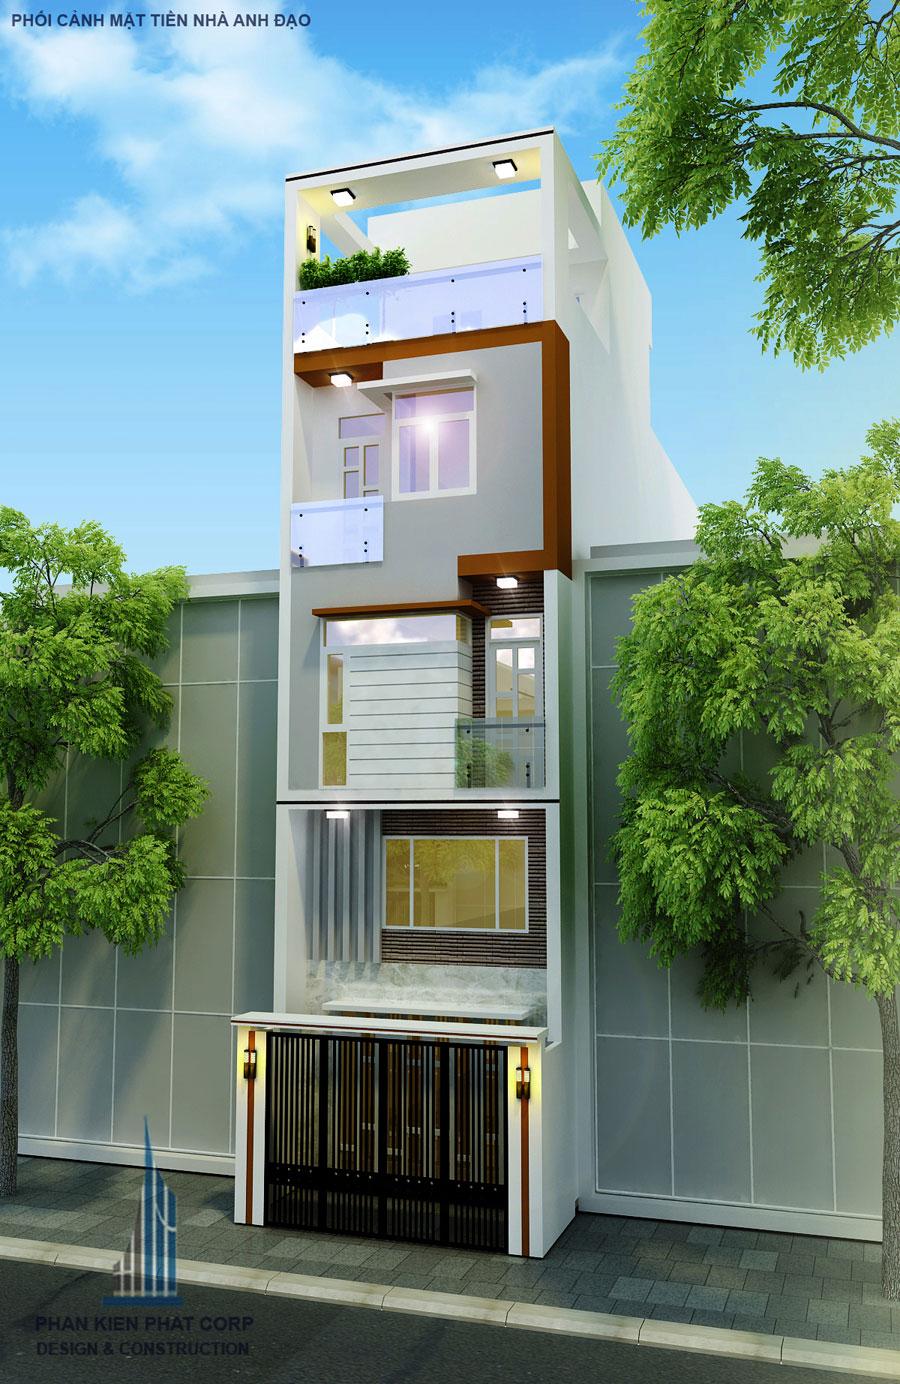 Công trình, Thiết kế xây dựng nhà phố, Anh Nguyễn Hoàng Đạo